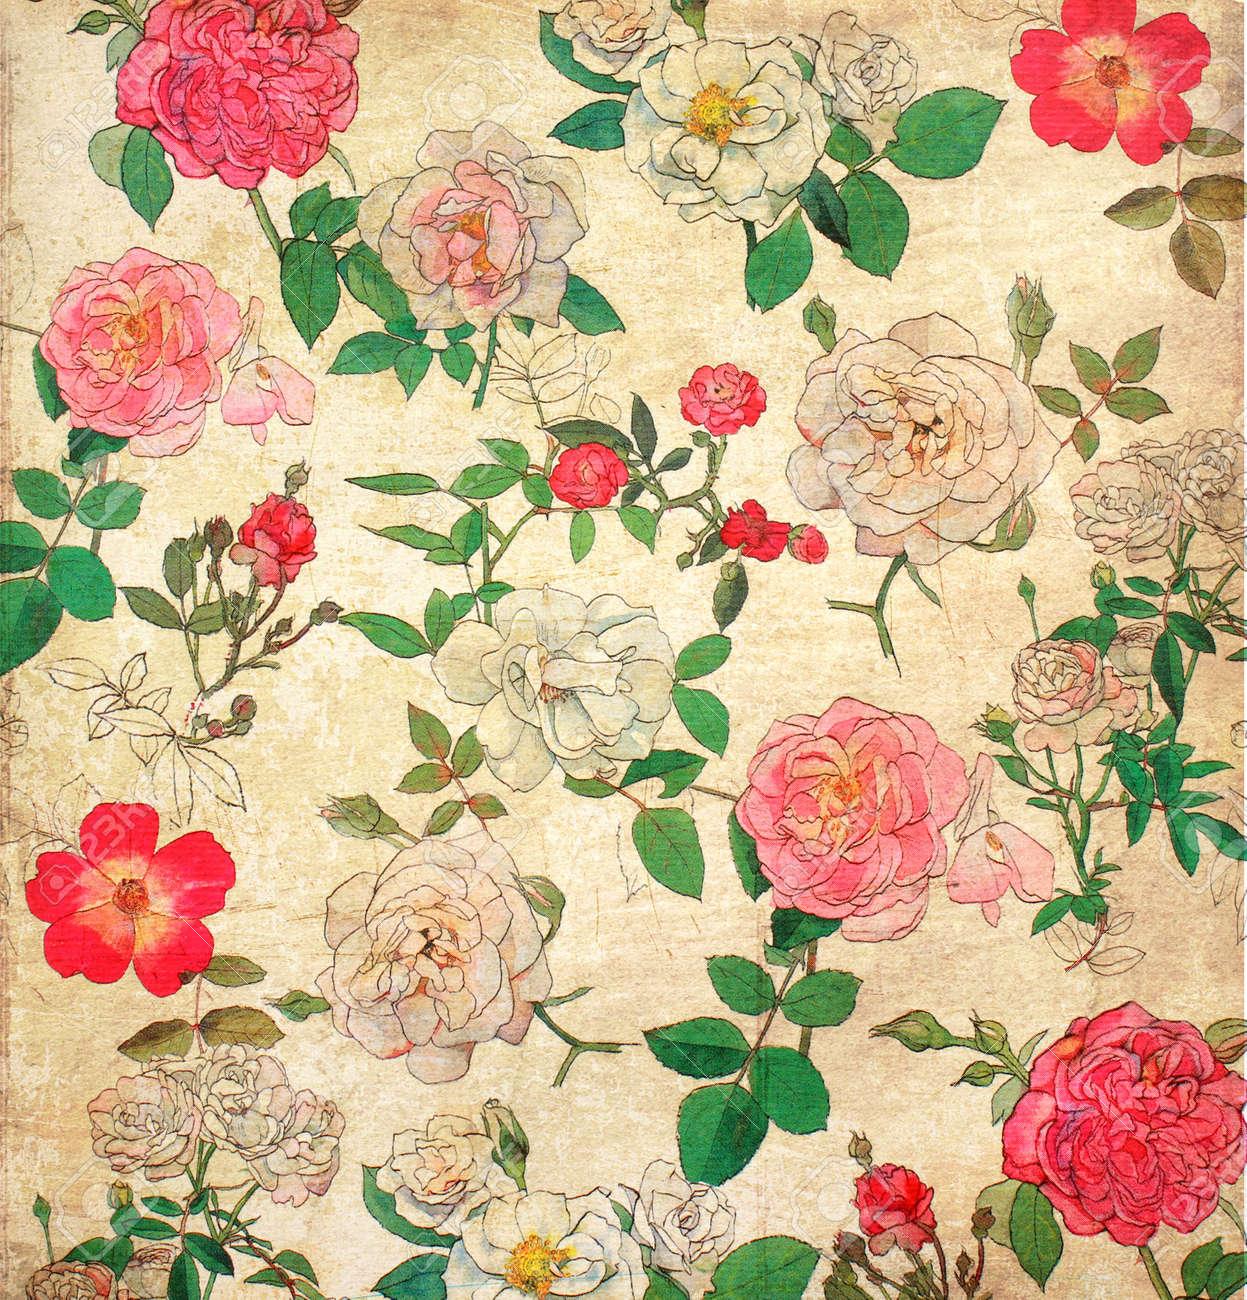 Floral vintage background - Floral Vintage Wallpaper For Background Stock Photo 15974911